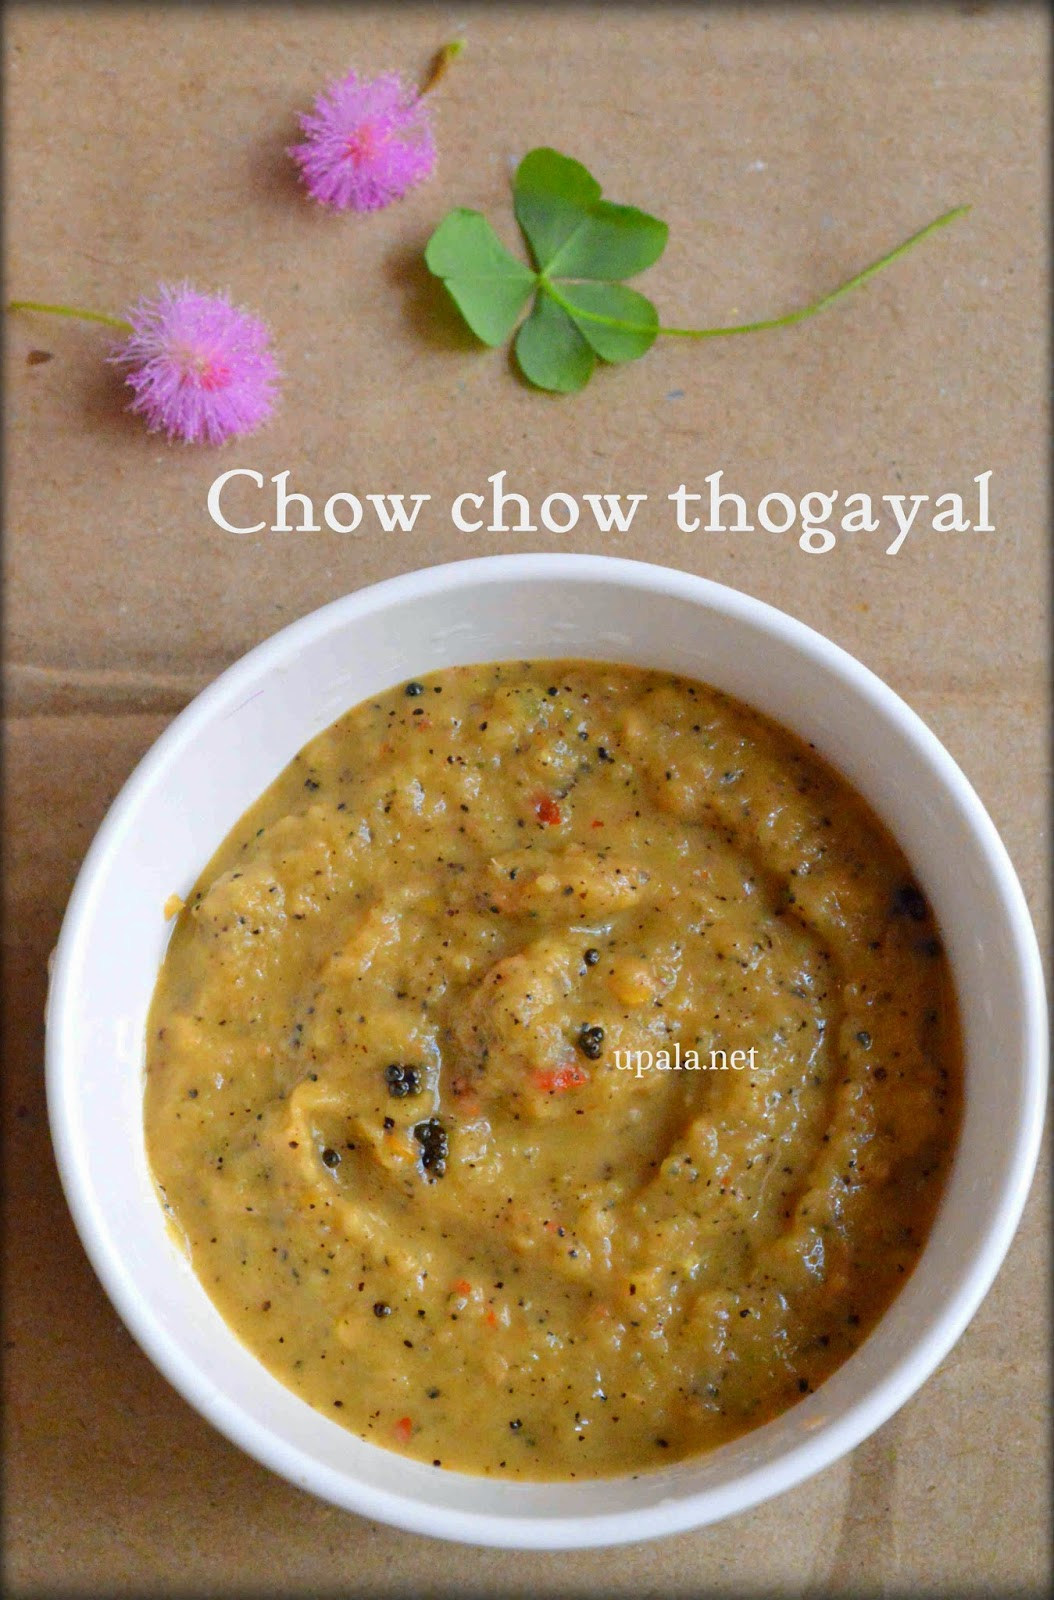 chowchow thogayal